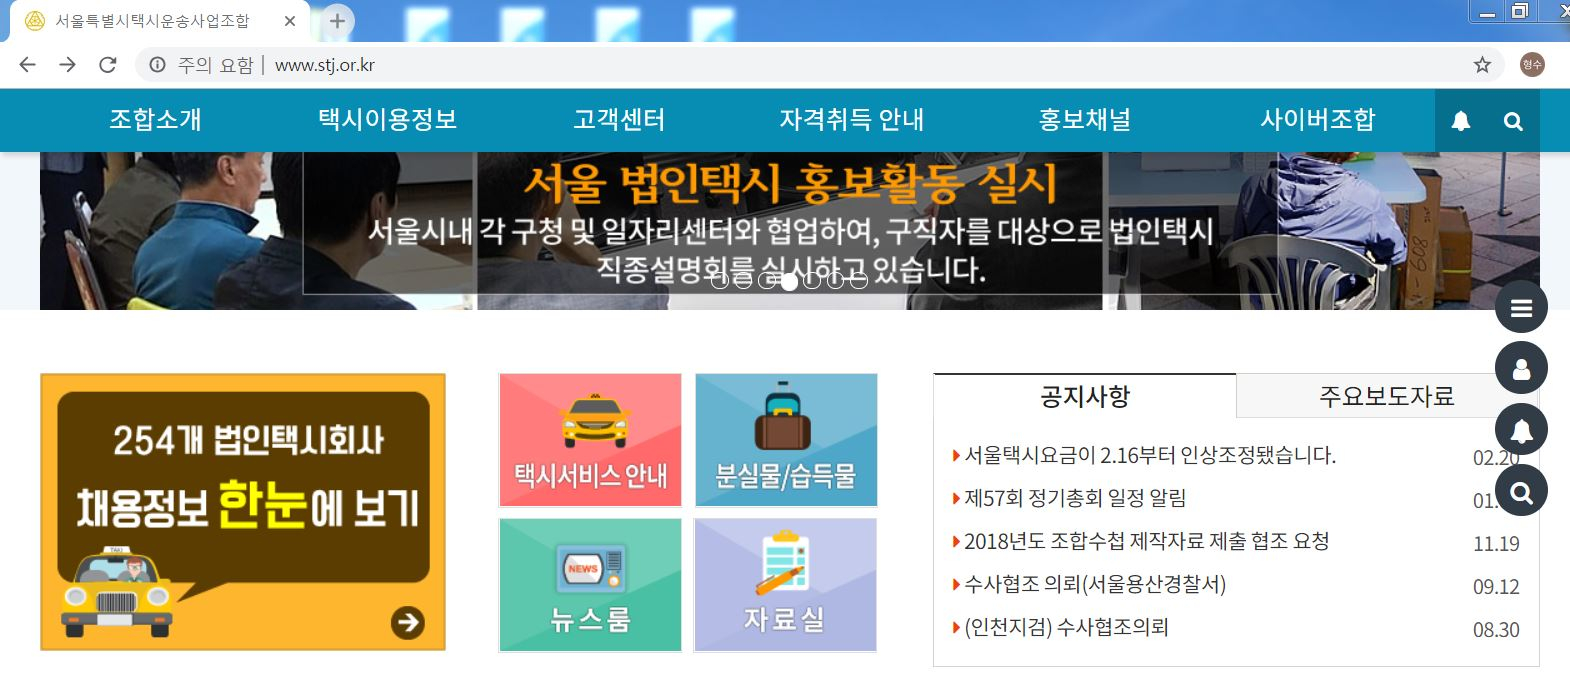 서울 법인택시조합 홈페이지에 공개된 택시 회사의 근로 정보 공개. 왼쪽 하단의 노란색 박스를 클릭하면 택시 회사 근로 정보를 열람할 수 있다. [법인택시조합 홈페이지]